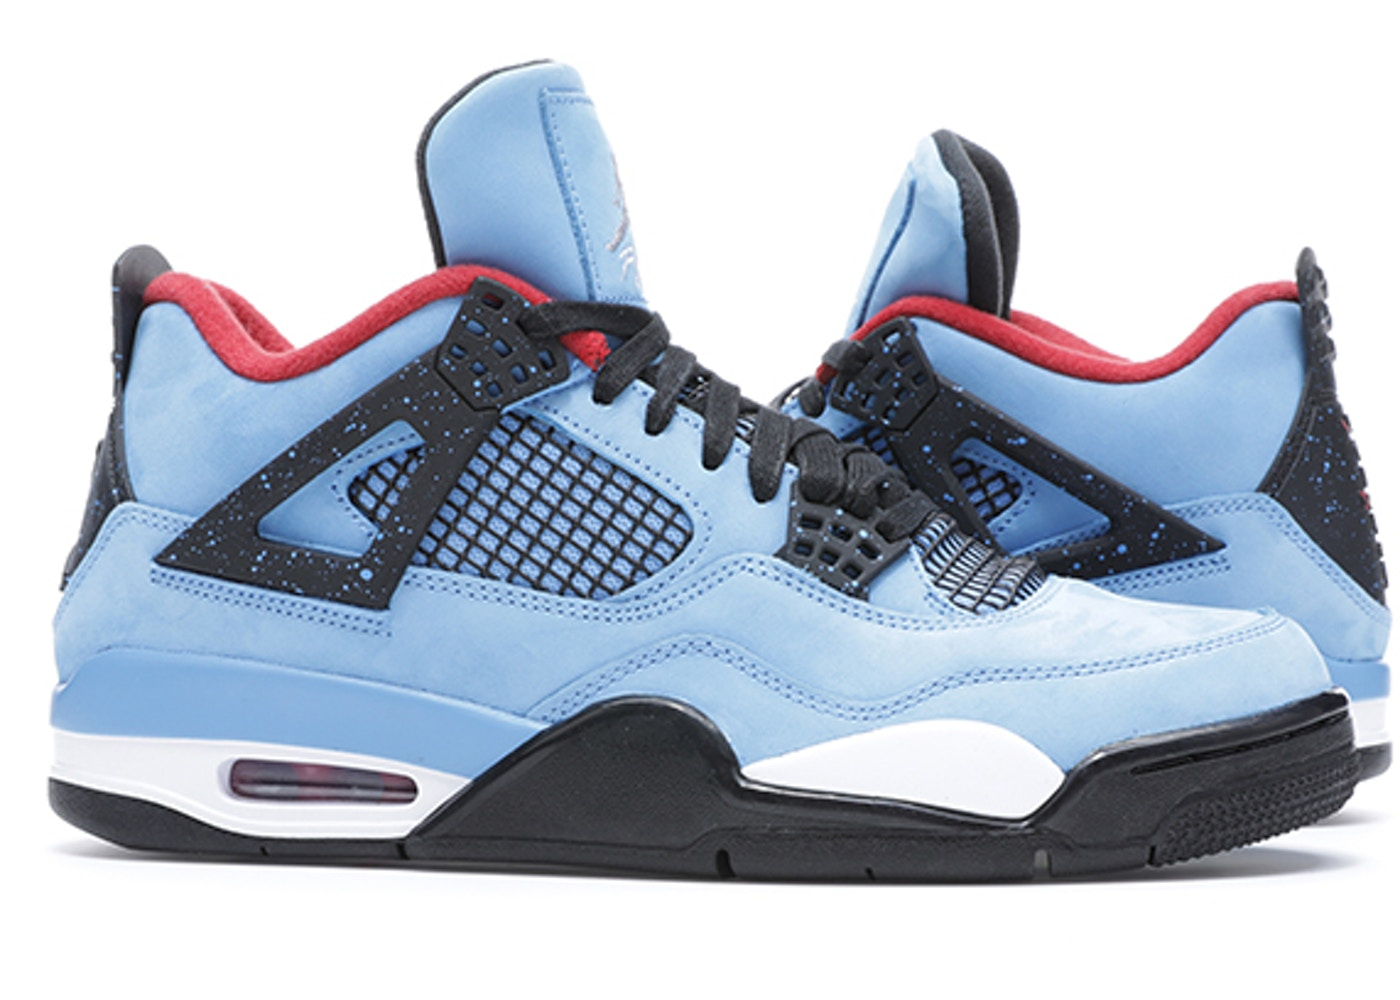 online store f5dd3 a51ba Buy Air Jordan 4 Shoes   Deadstock Sneakers